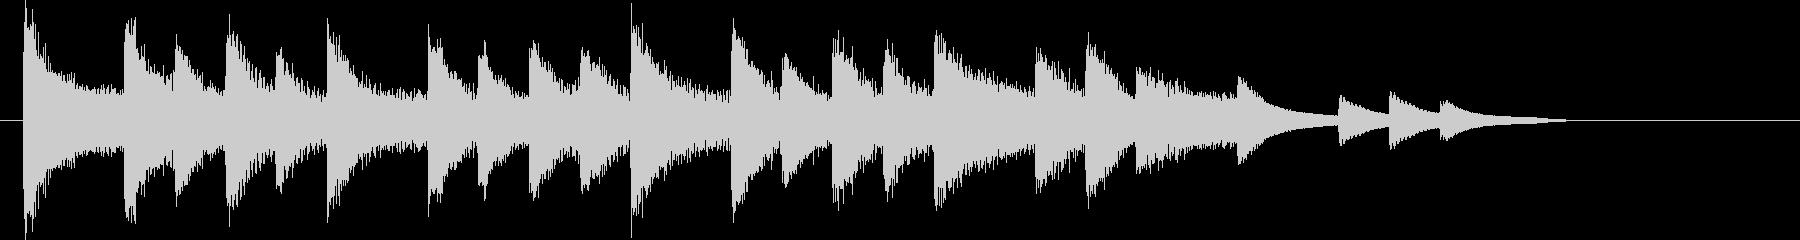 XmasキャロルオブザベルズジングルEの未再生の波形